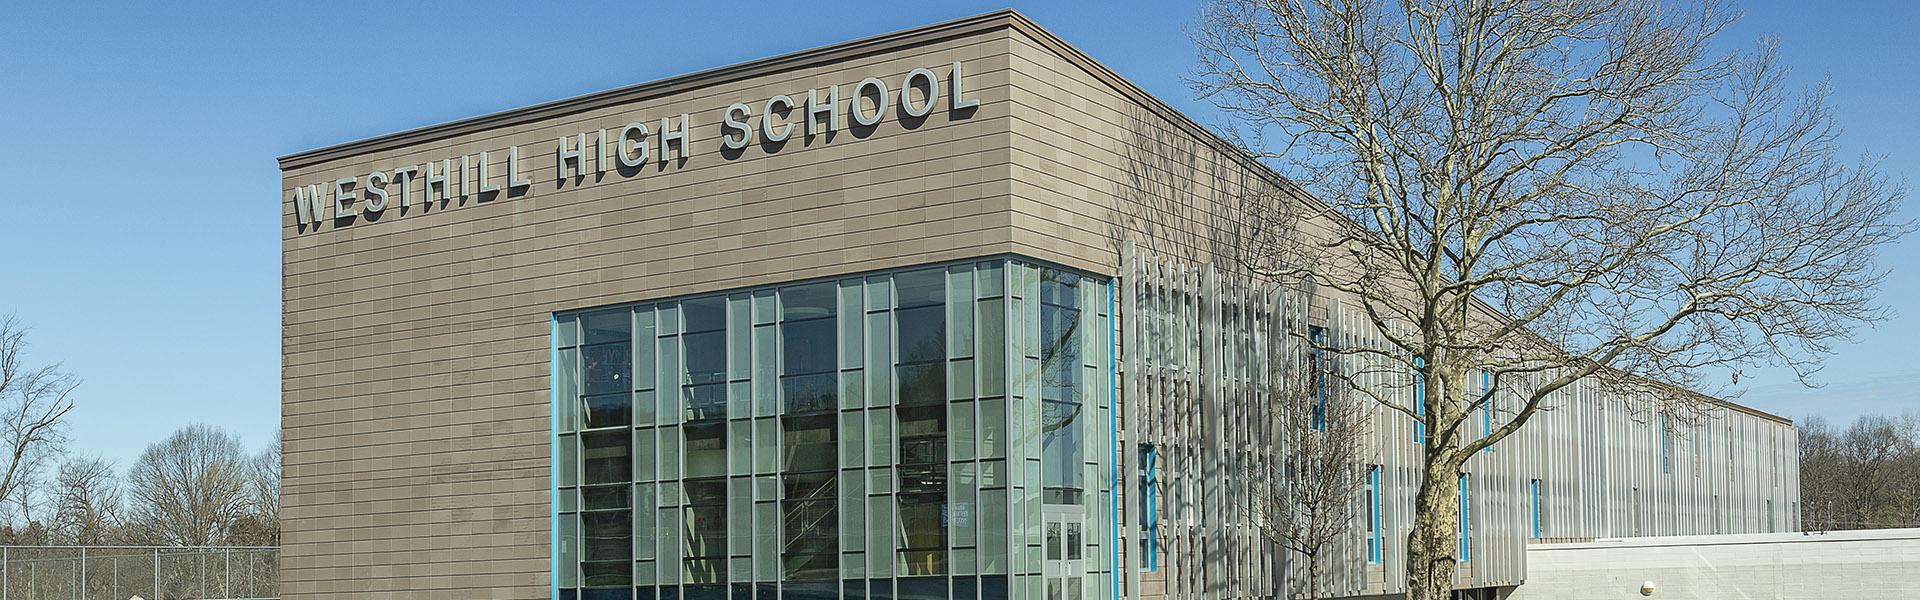 MCK Building Associates Westhill High School exterior